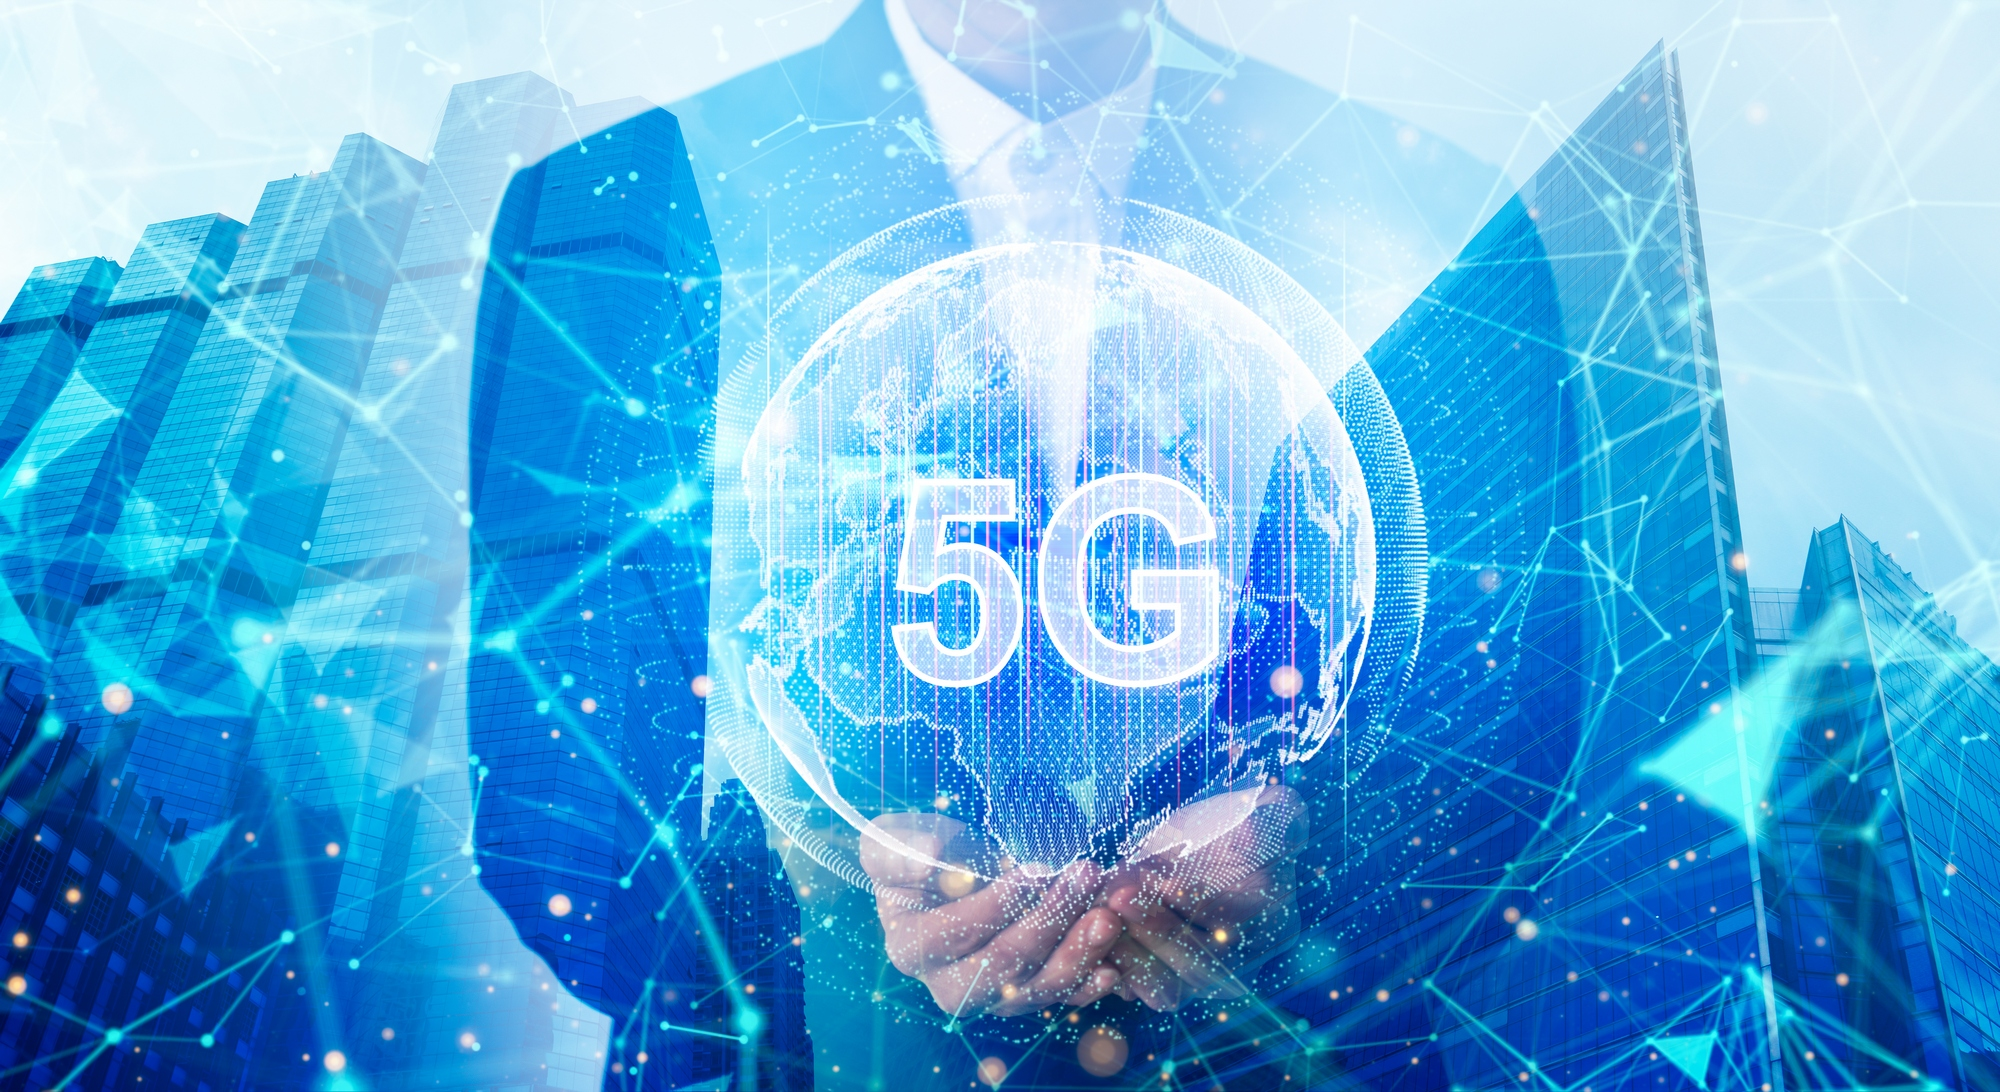 Evoluzione delle Infrastrutture di Telecomunicazioni per il 5G e la Banda Ultralarga